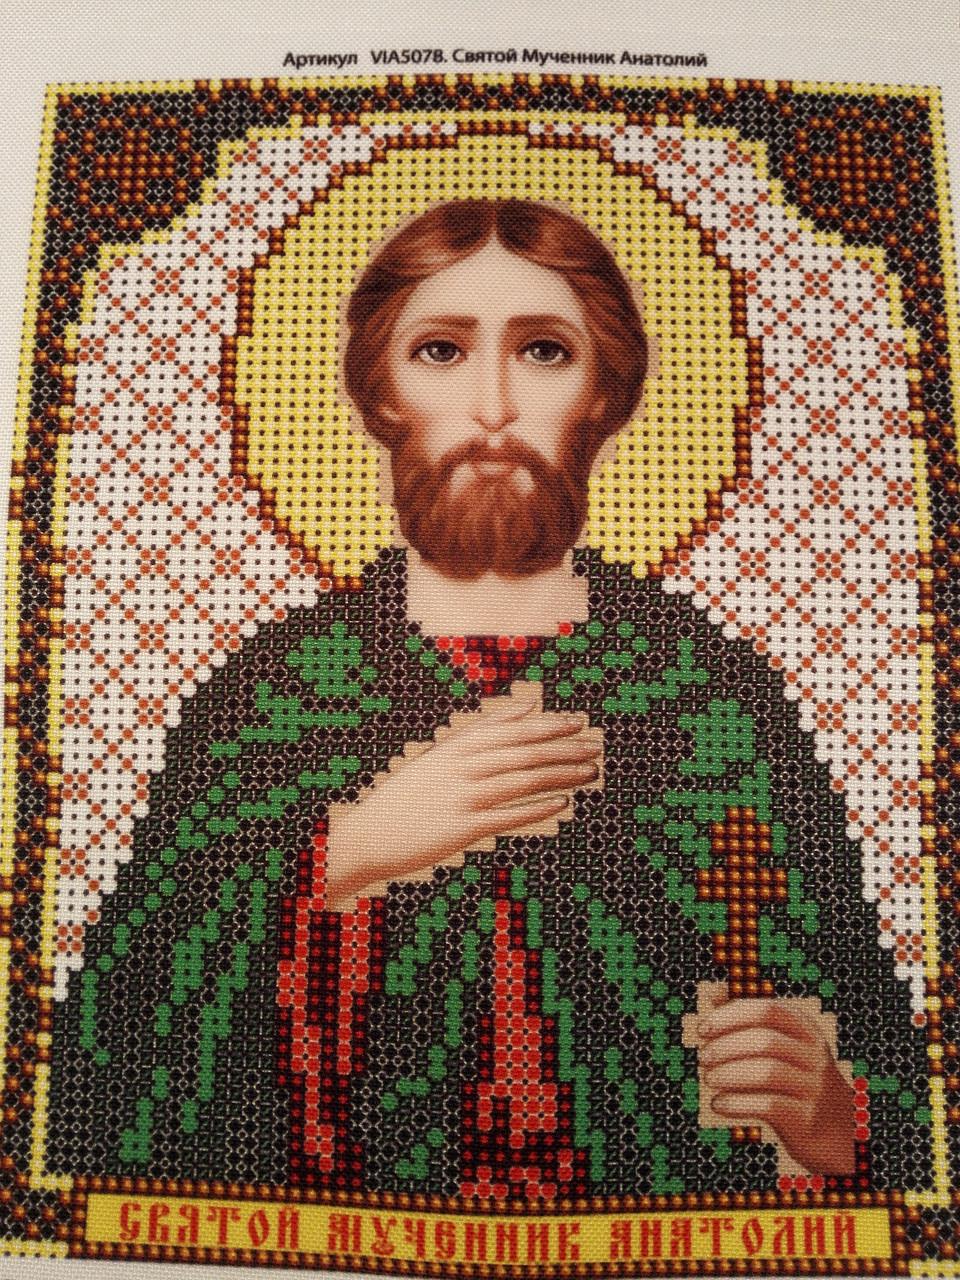 Набор для вышивки бисером икона Святой Мученик Анатолий VIA 5078